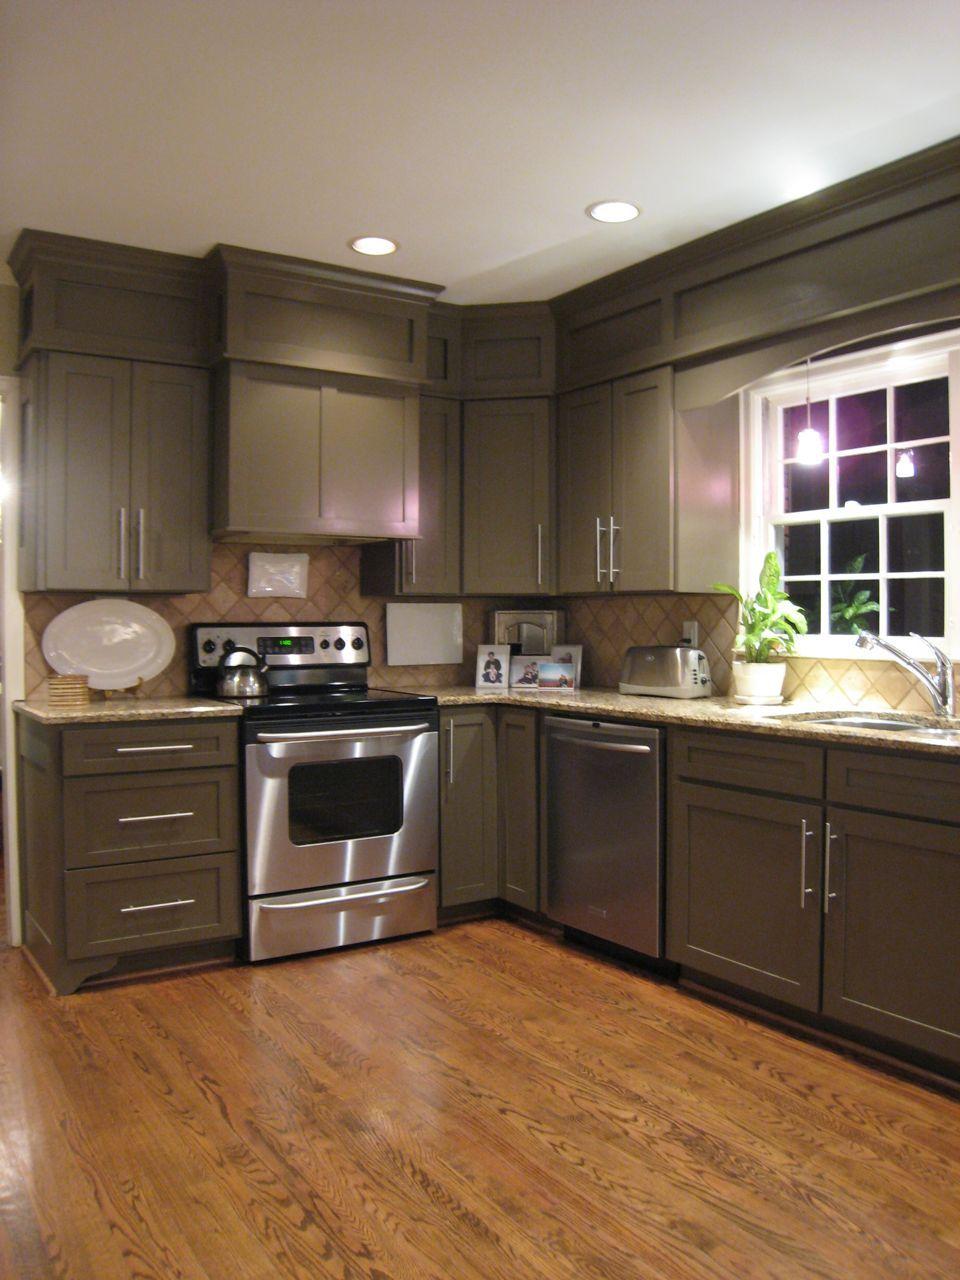 Kitchen reno The Kitchen After Soffet